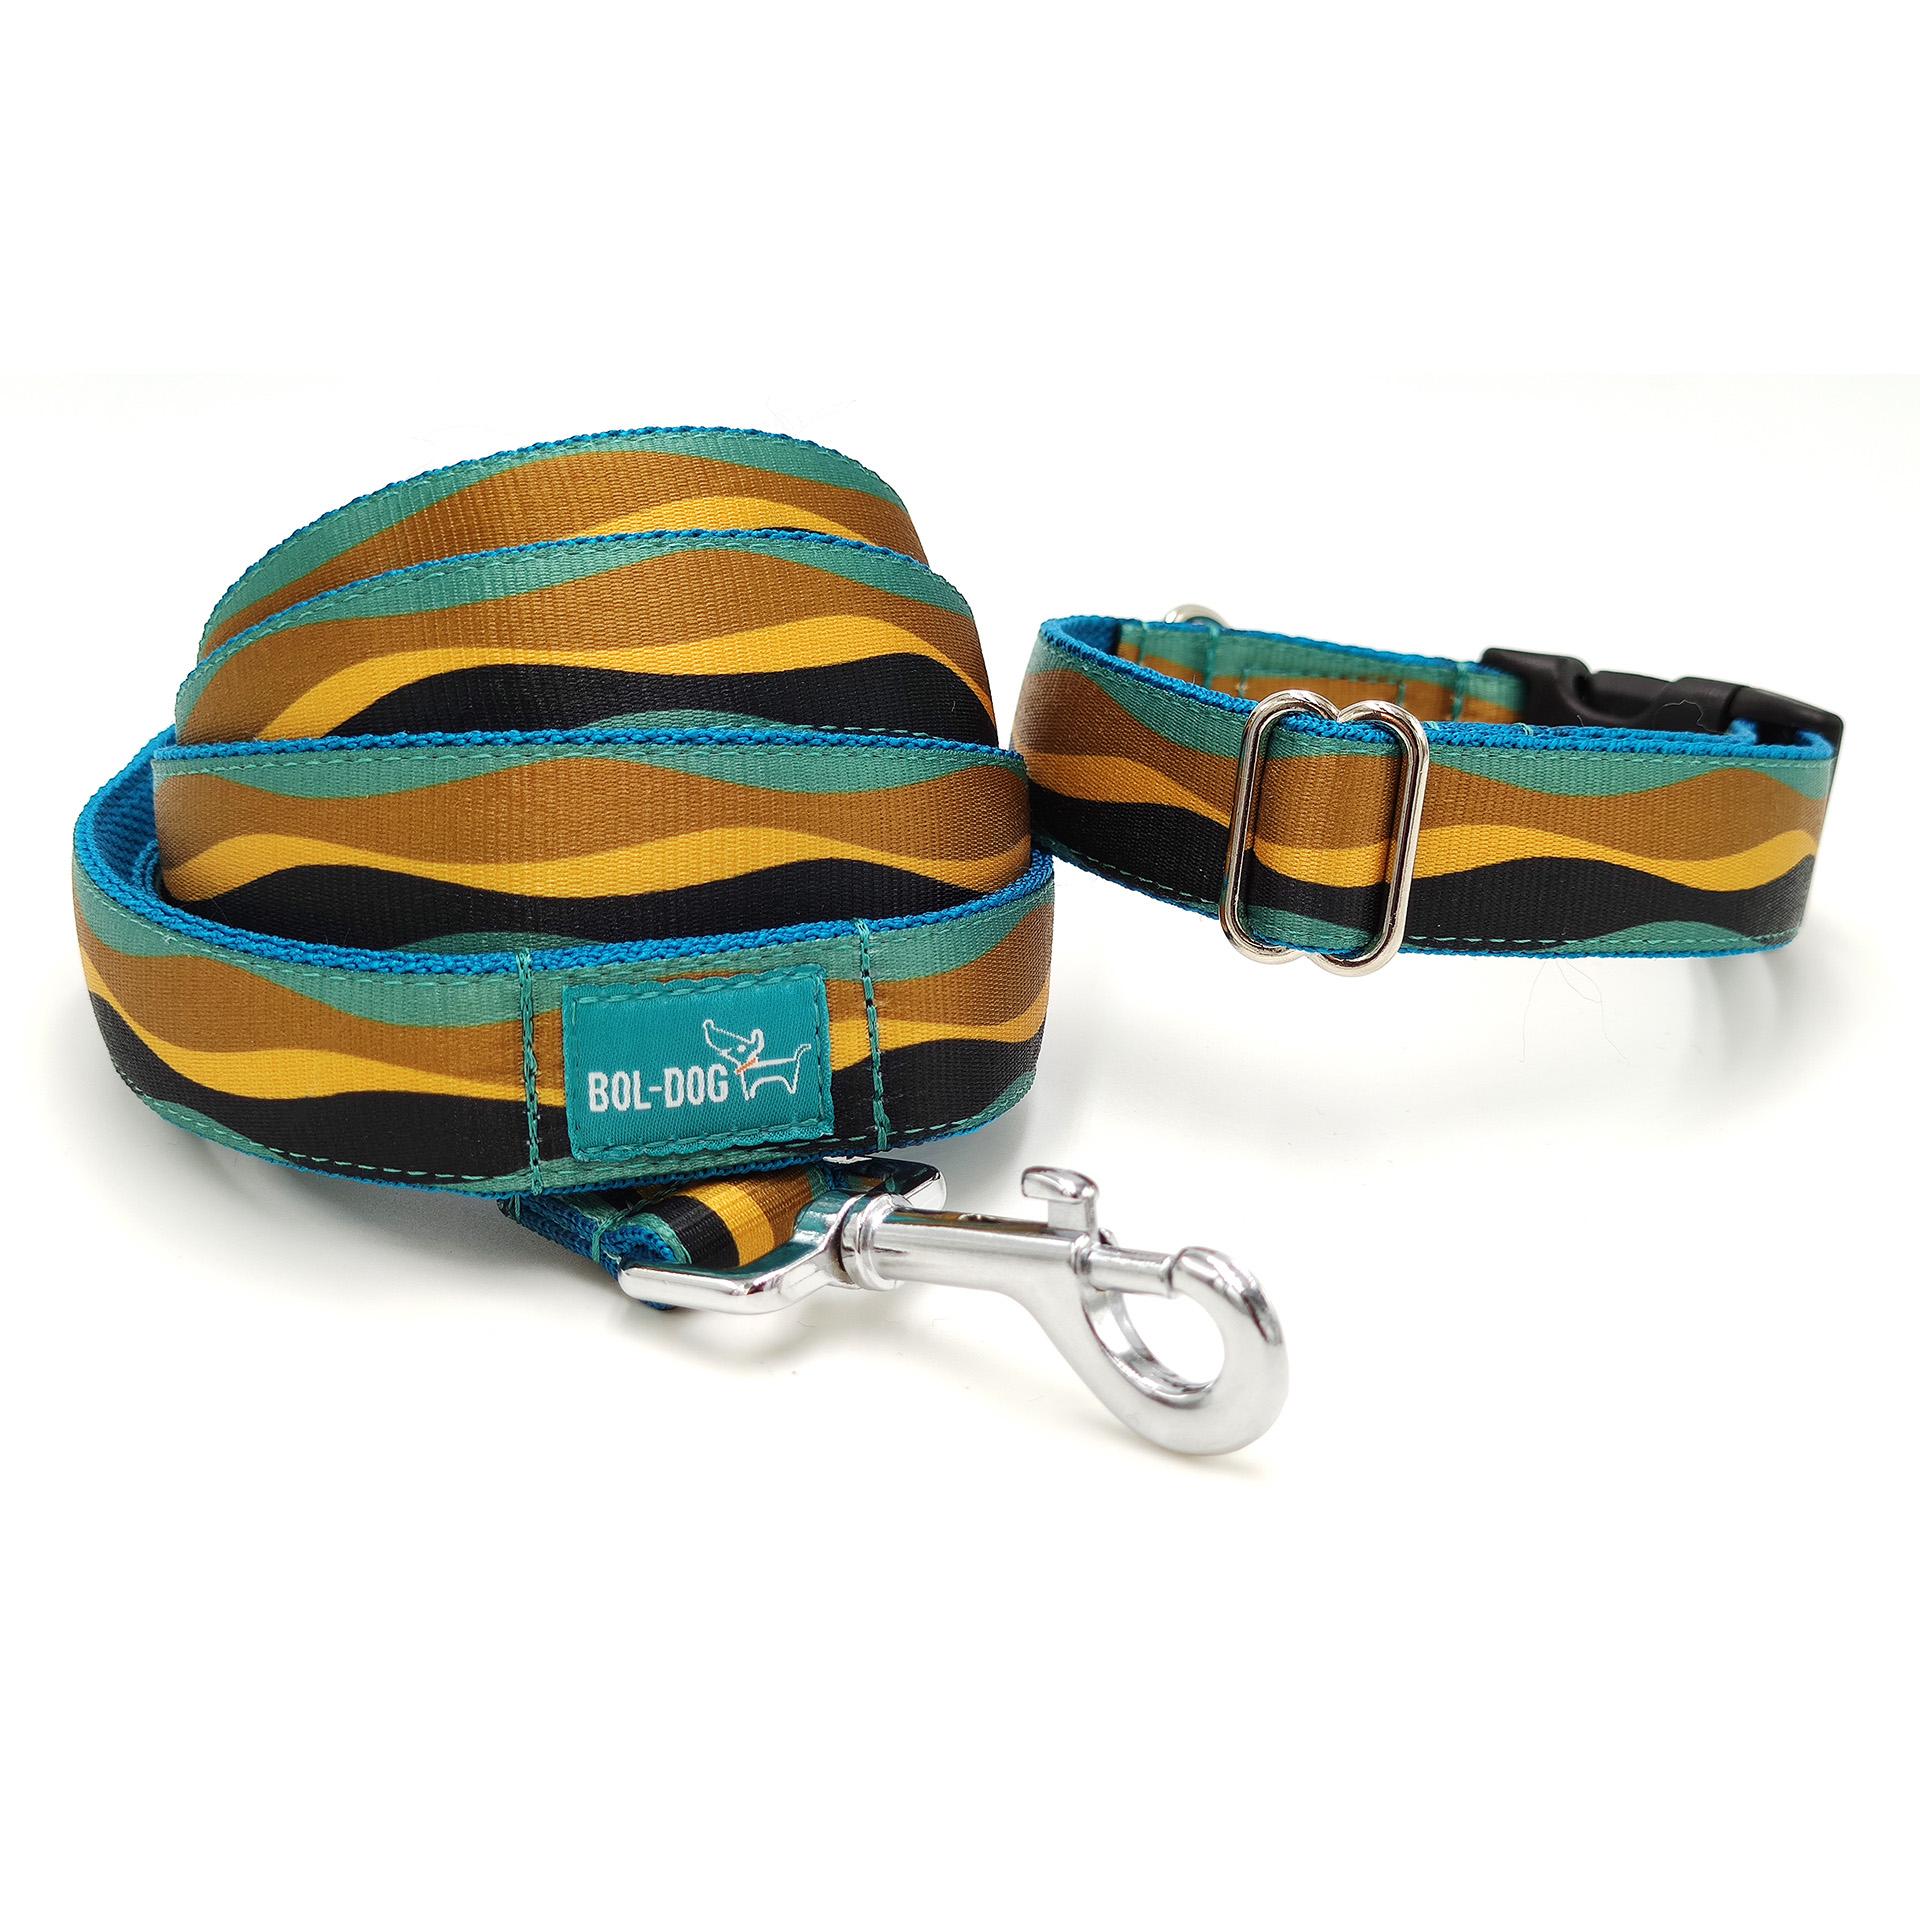 színes csíkos nacolorful striped collar and leash setakörv és póráz szett